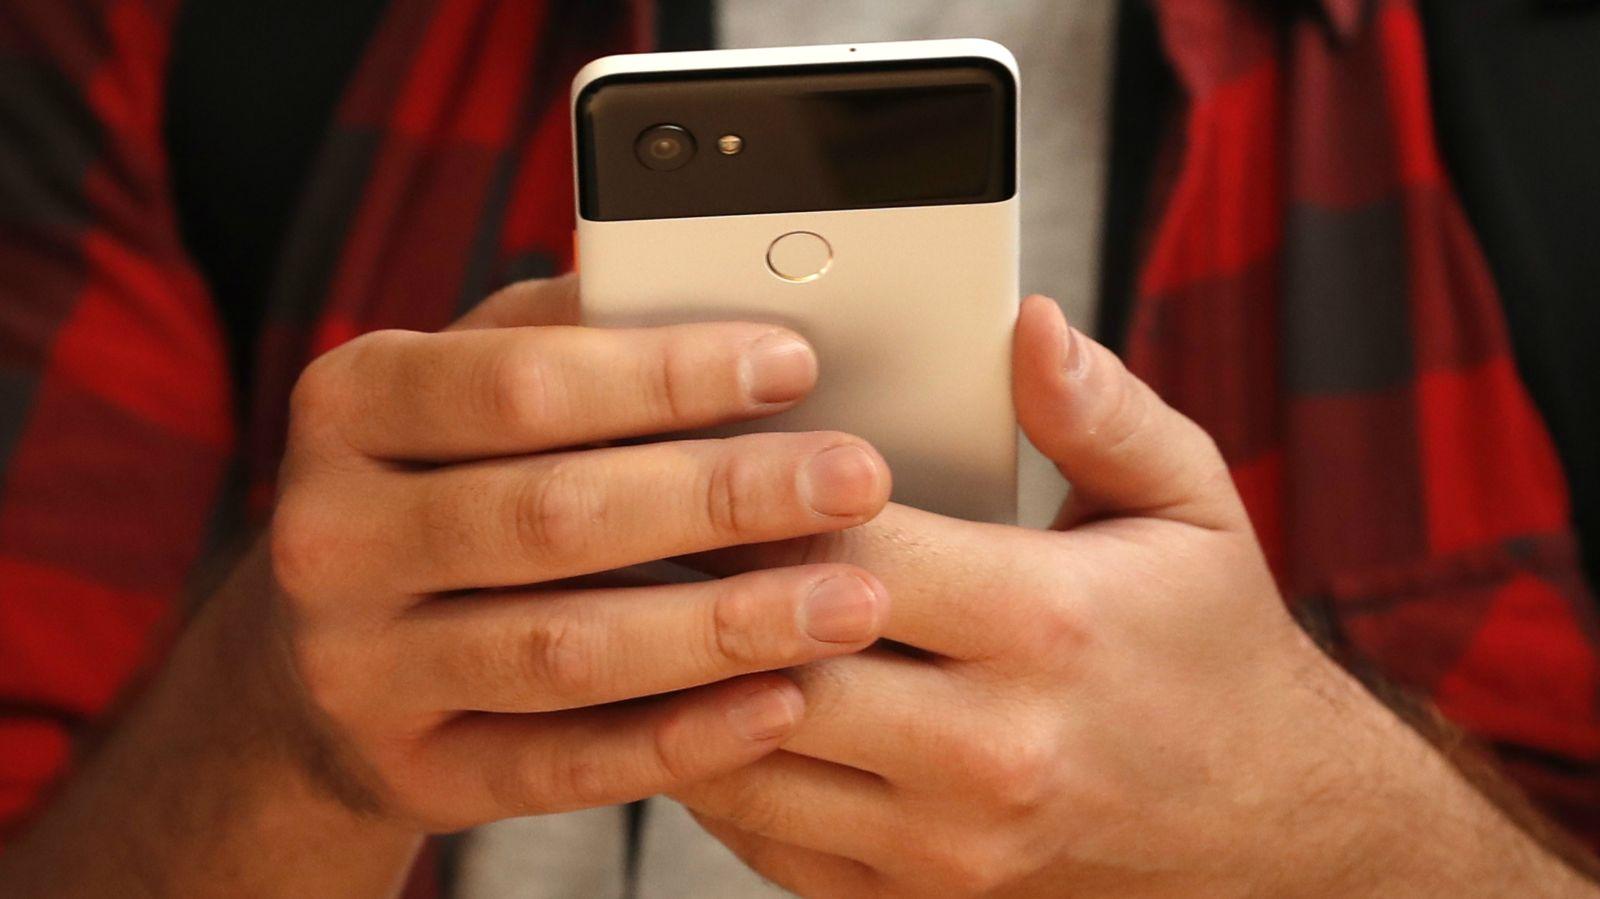 Абсолютно все смартфоны с ОС Android даже при отключенной геолокации отправляли Google данные о местоположении пользователей